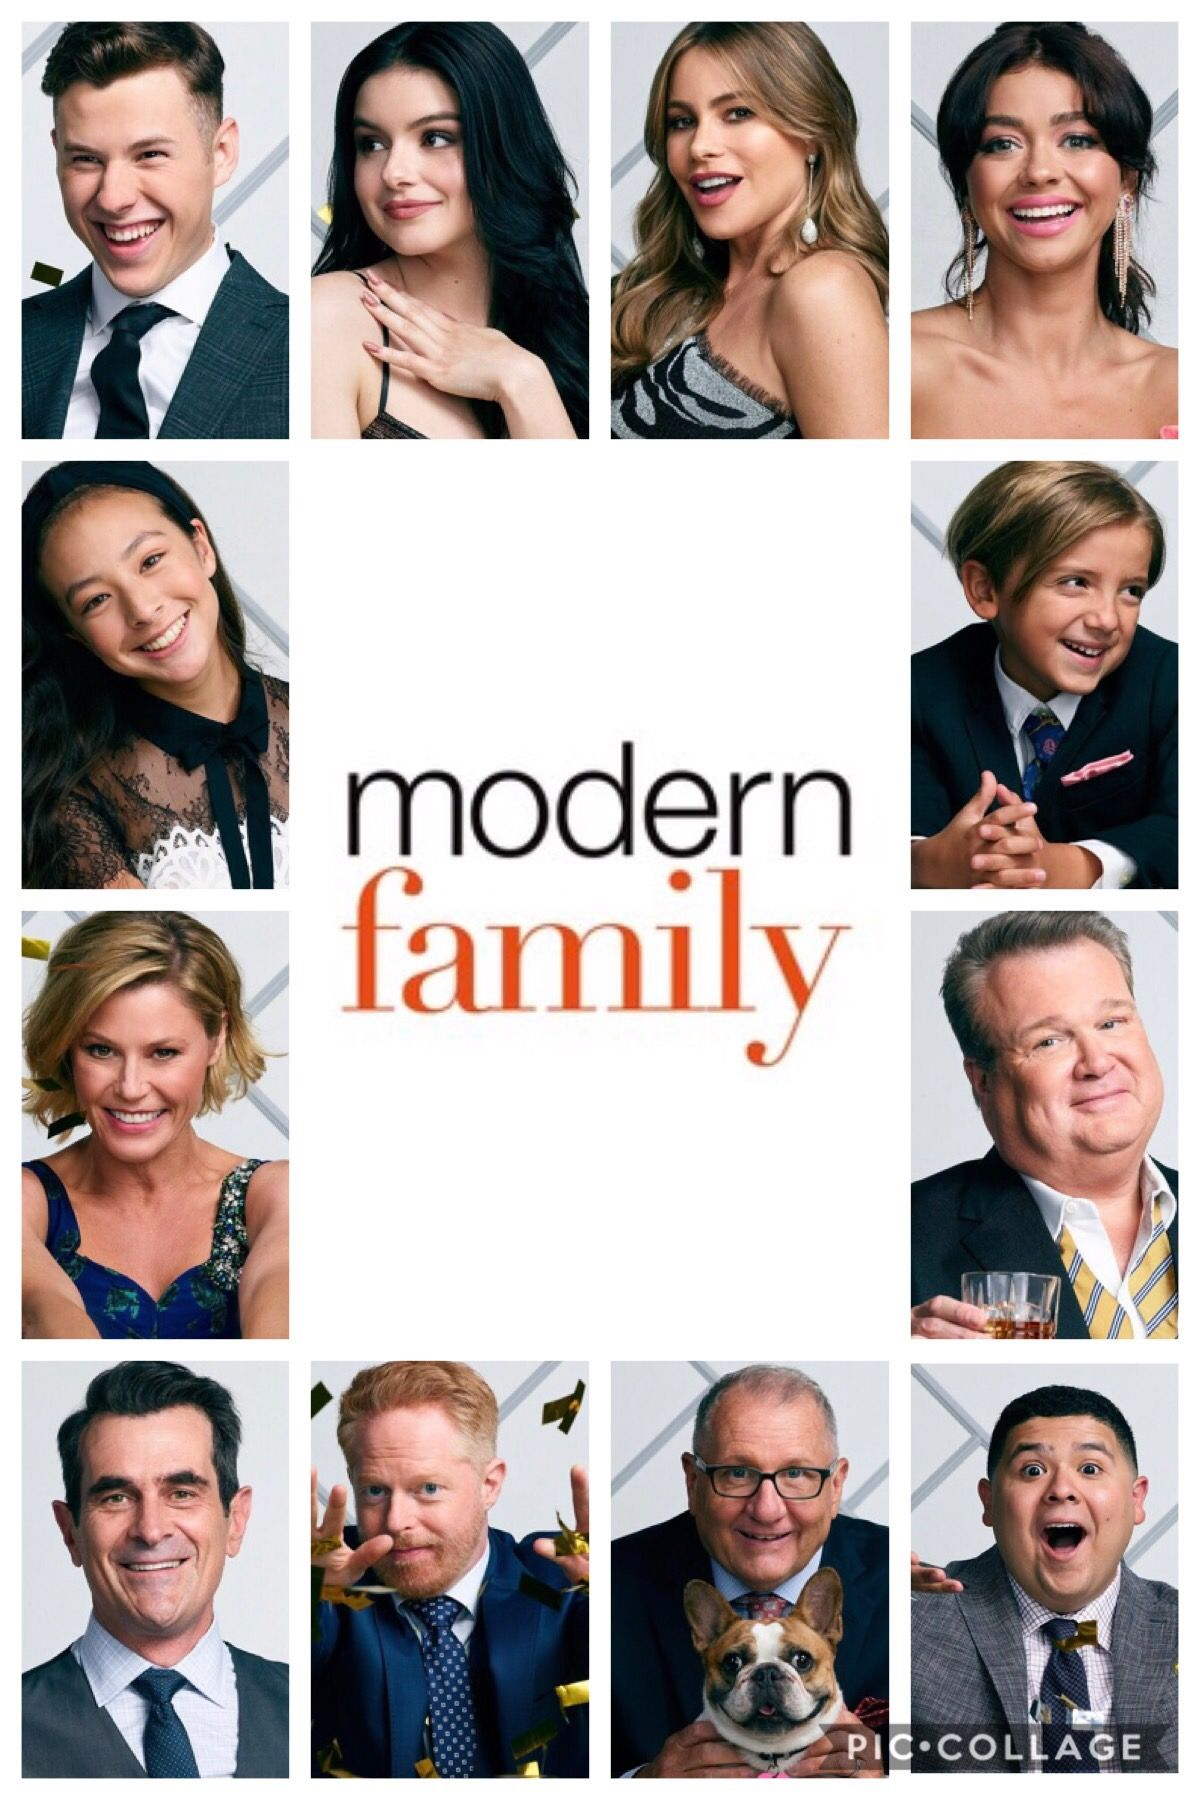 Pin By Tvarita On Modern Family Modern Family Tv Show Modern Family Phil Modern Family Cameron